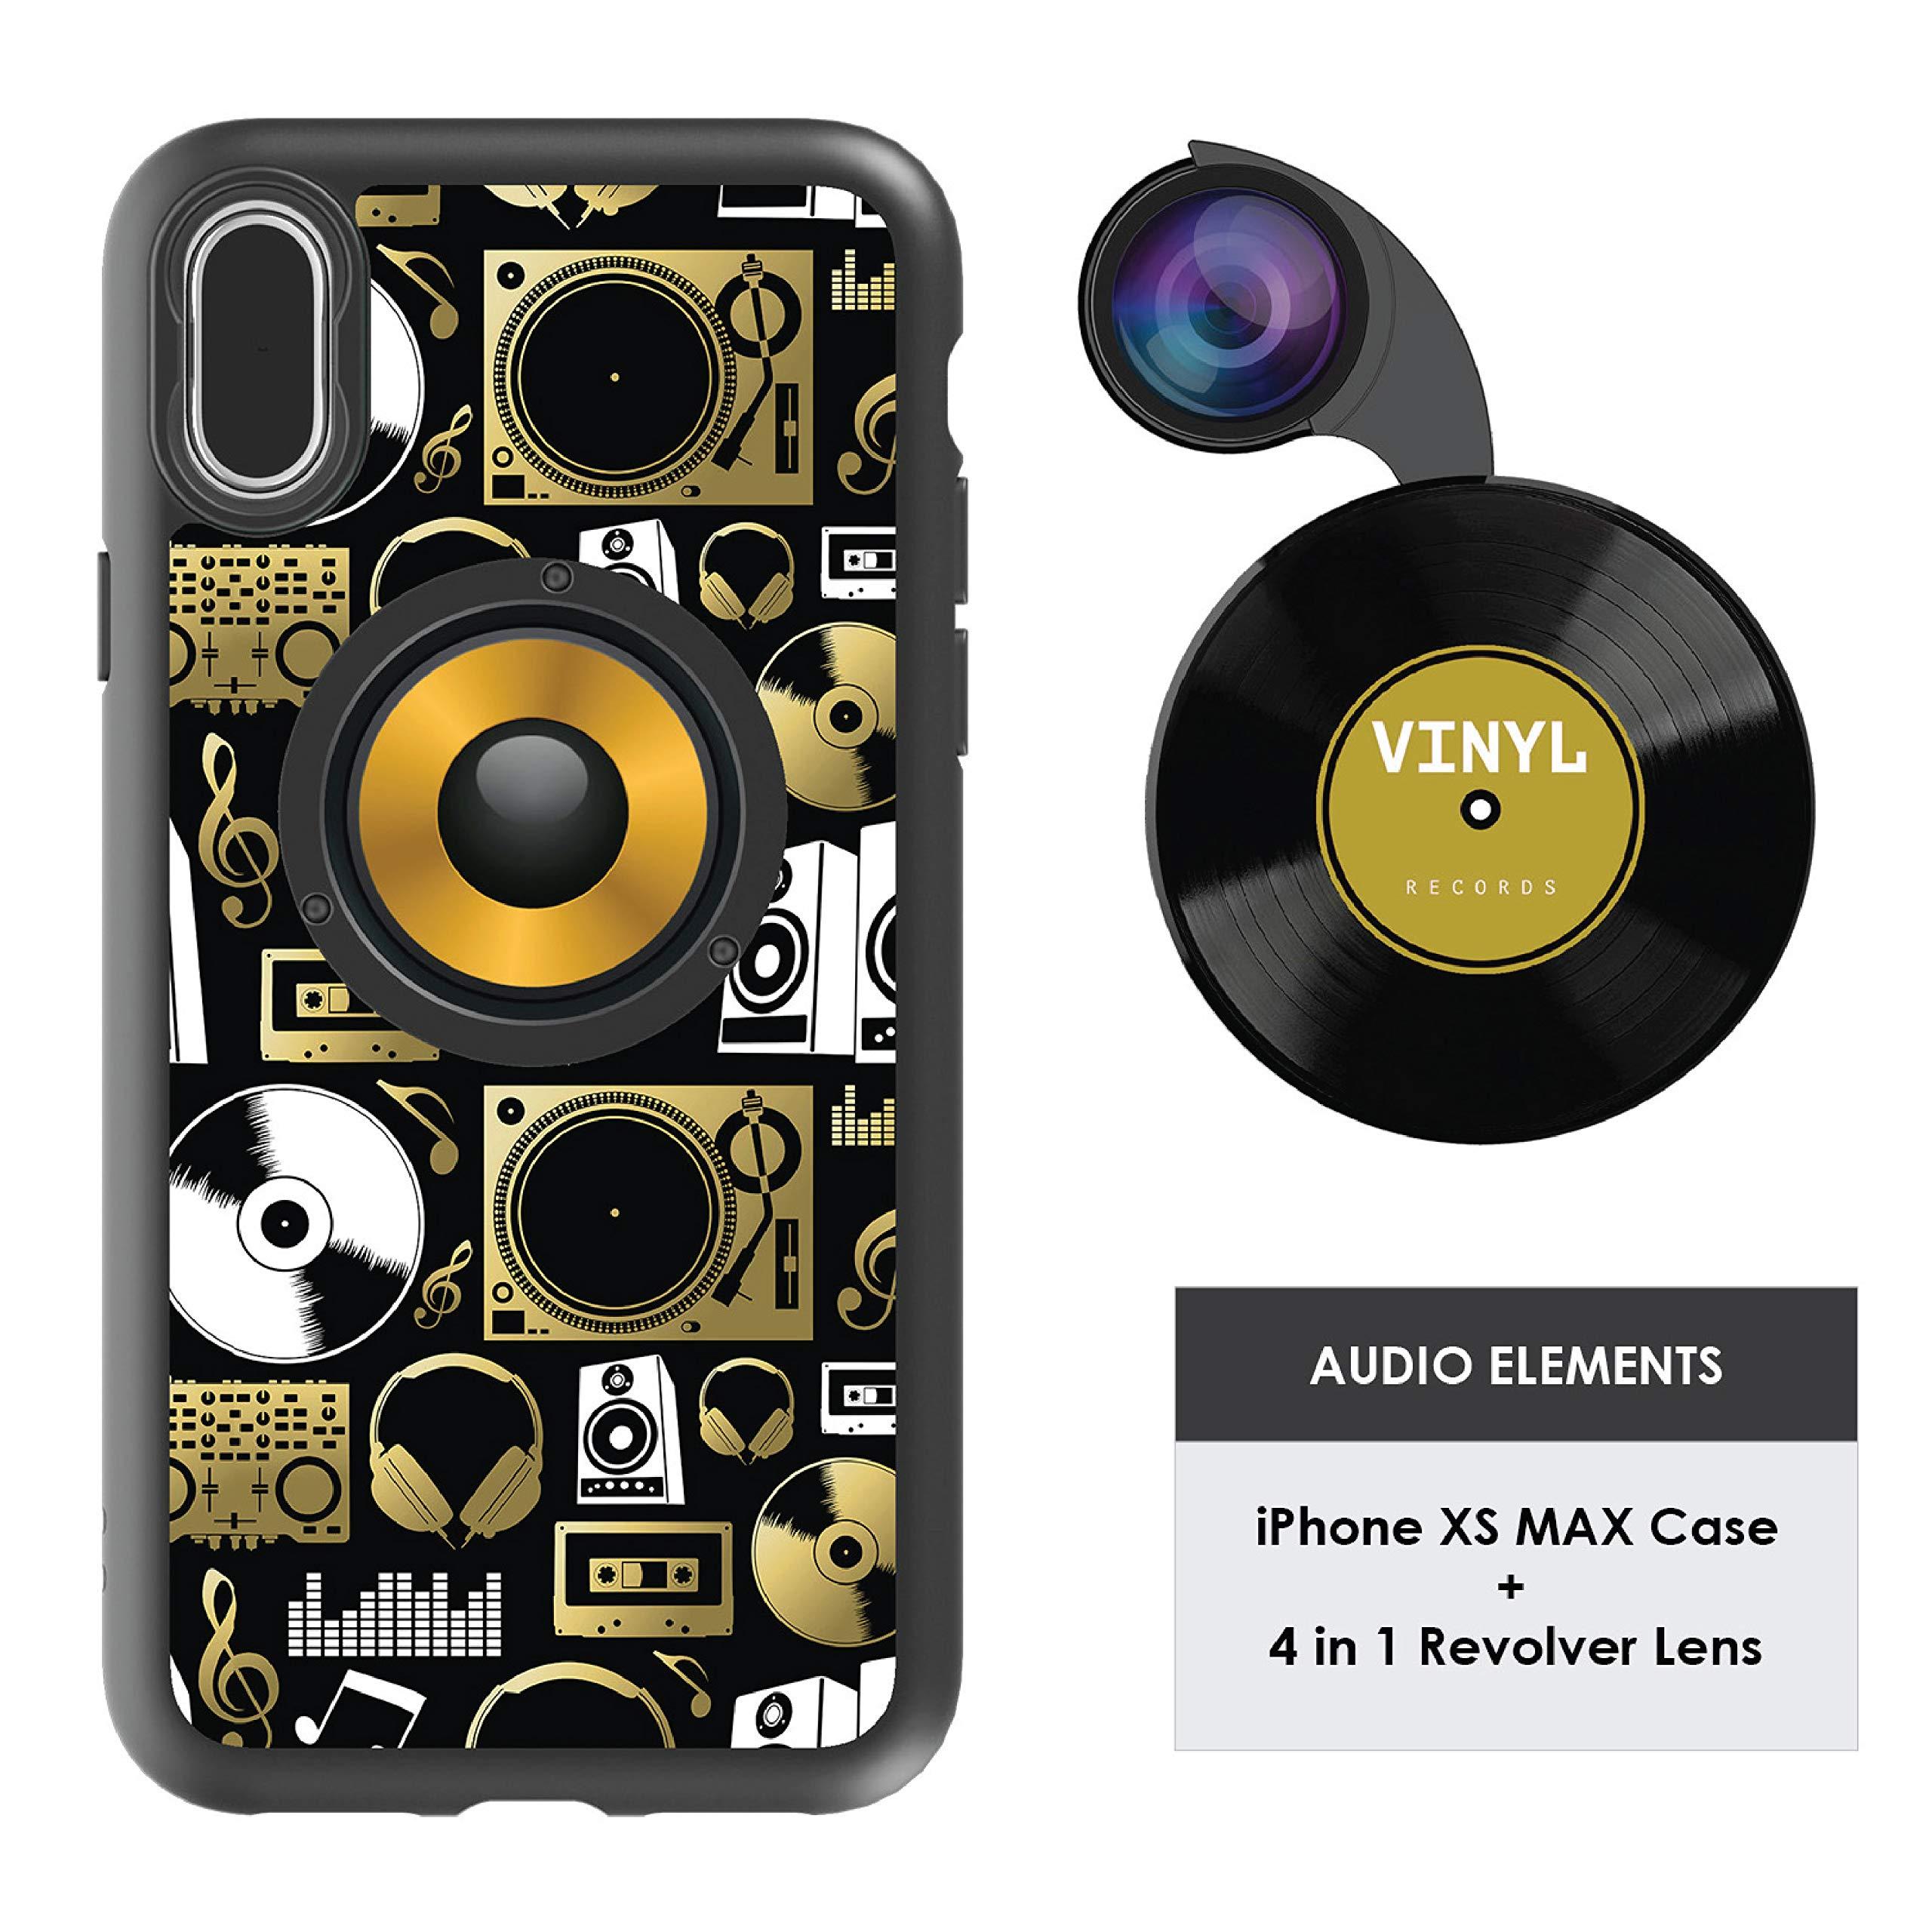 Funda y 4  Lentes Ztylus Revolver p/ iPhone Xs MAX - Audi...